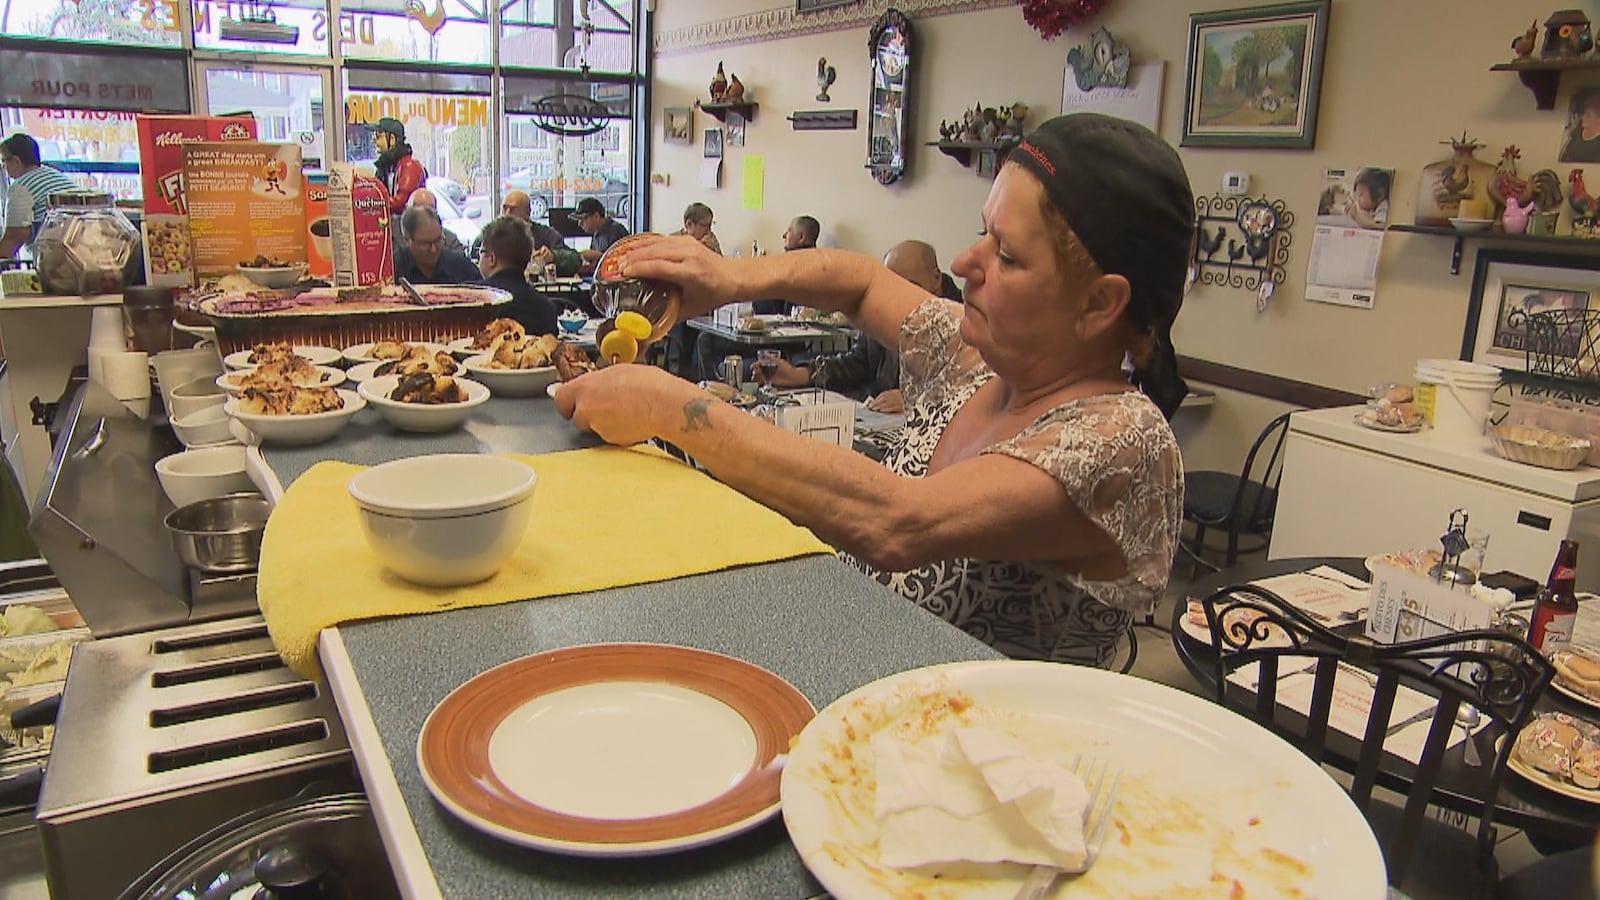 Une femme met du sirop sur un dessert au Resto Des Chênes de Limoilou